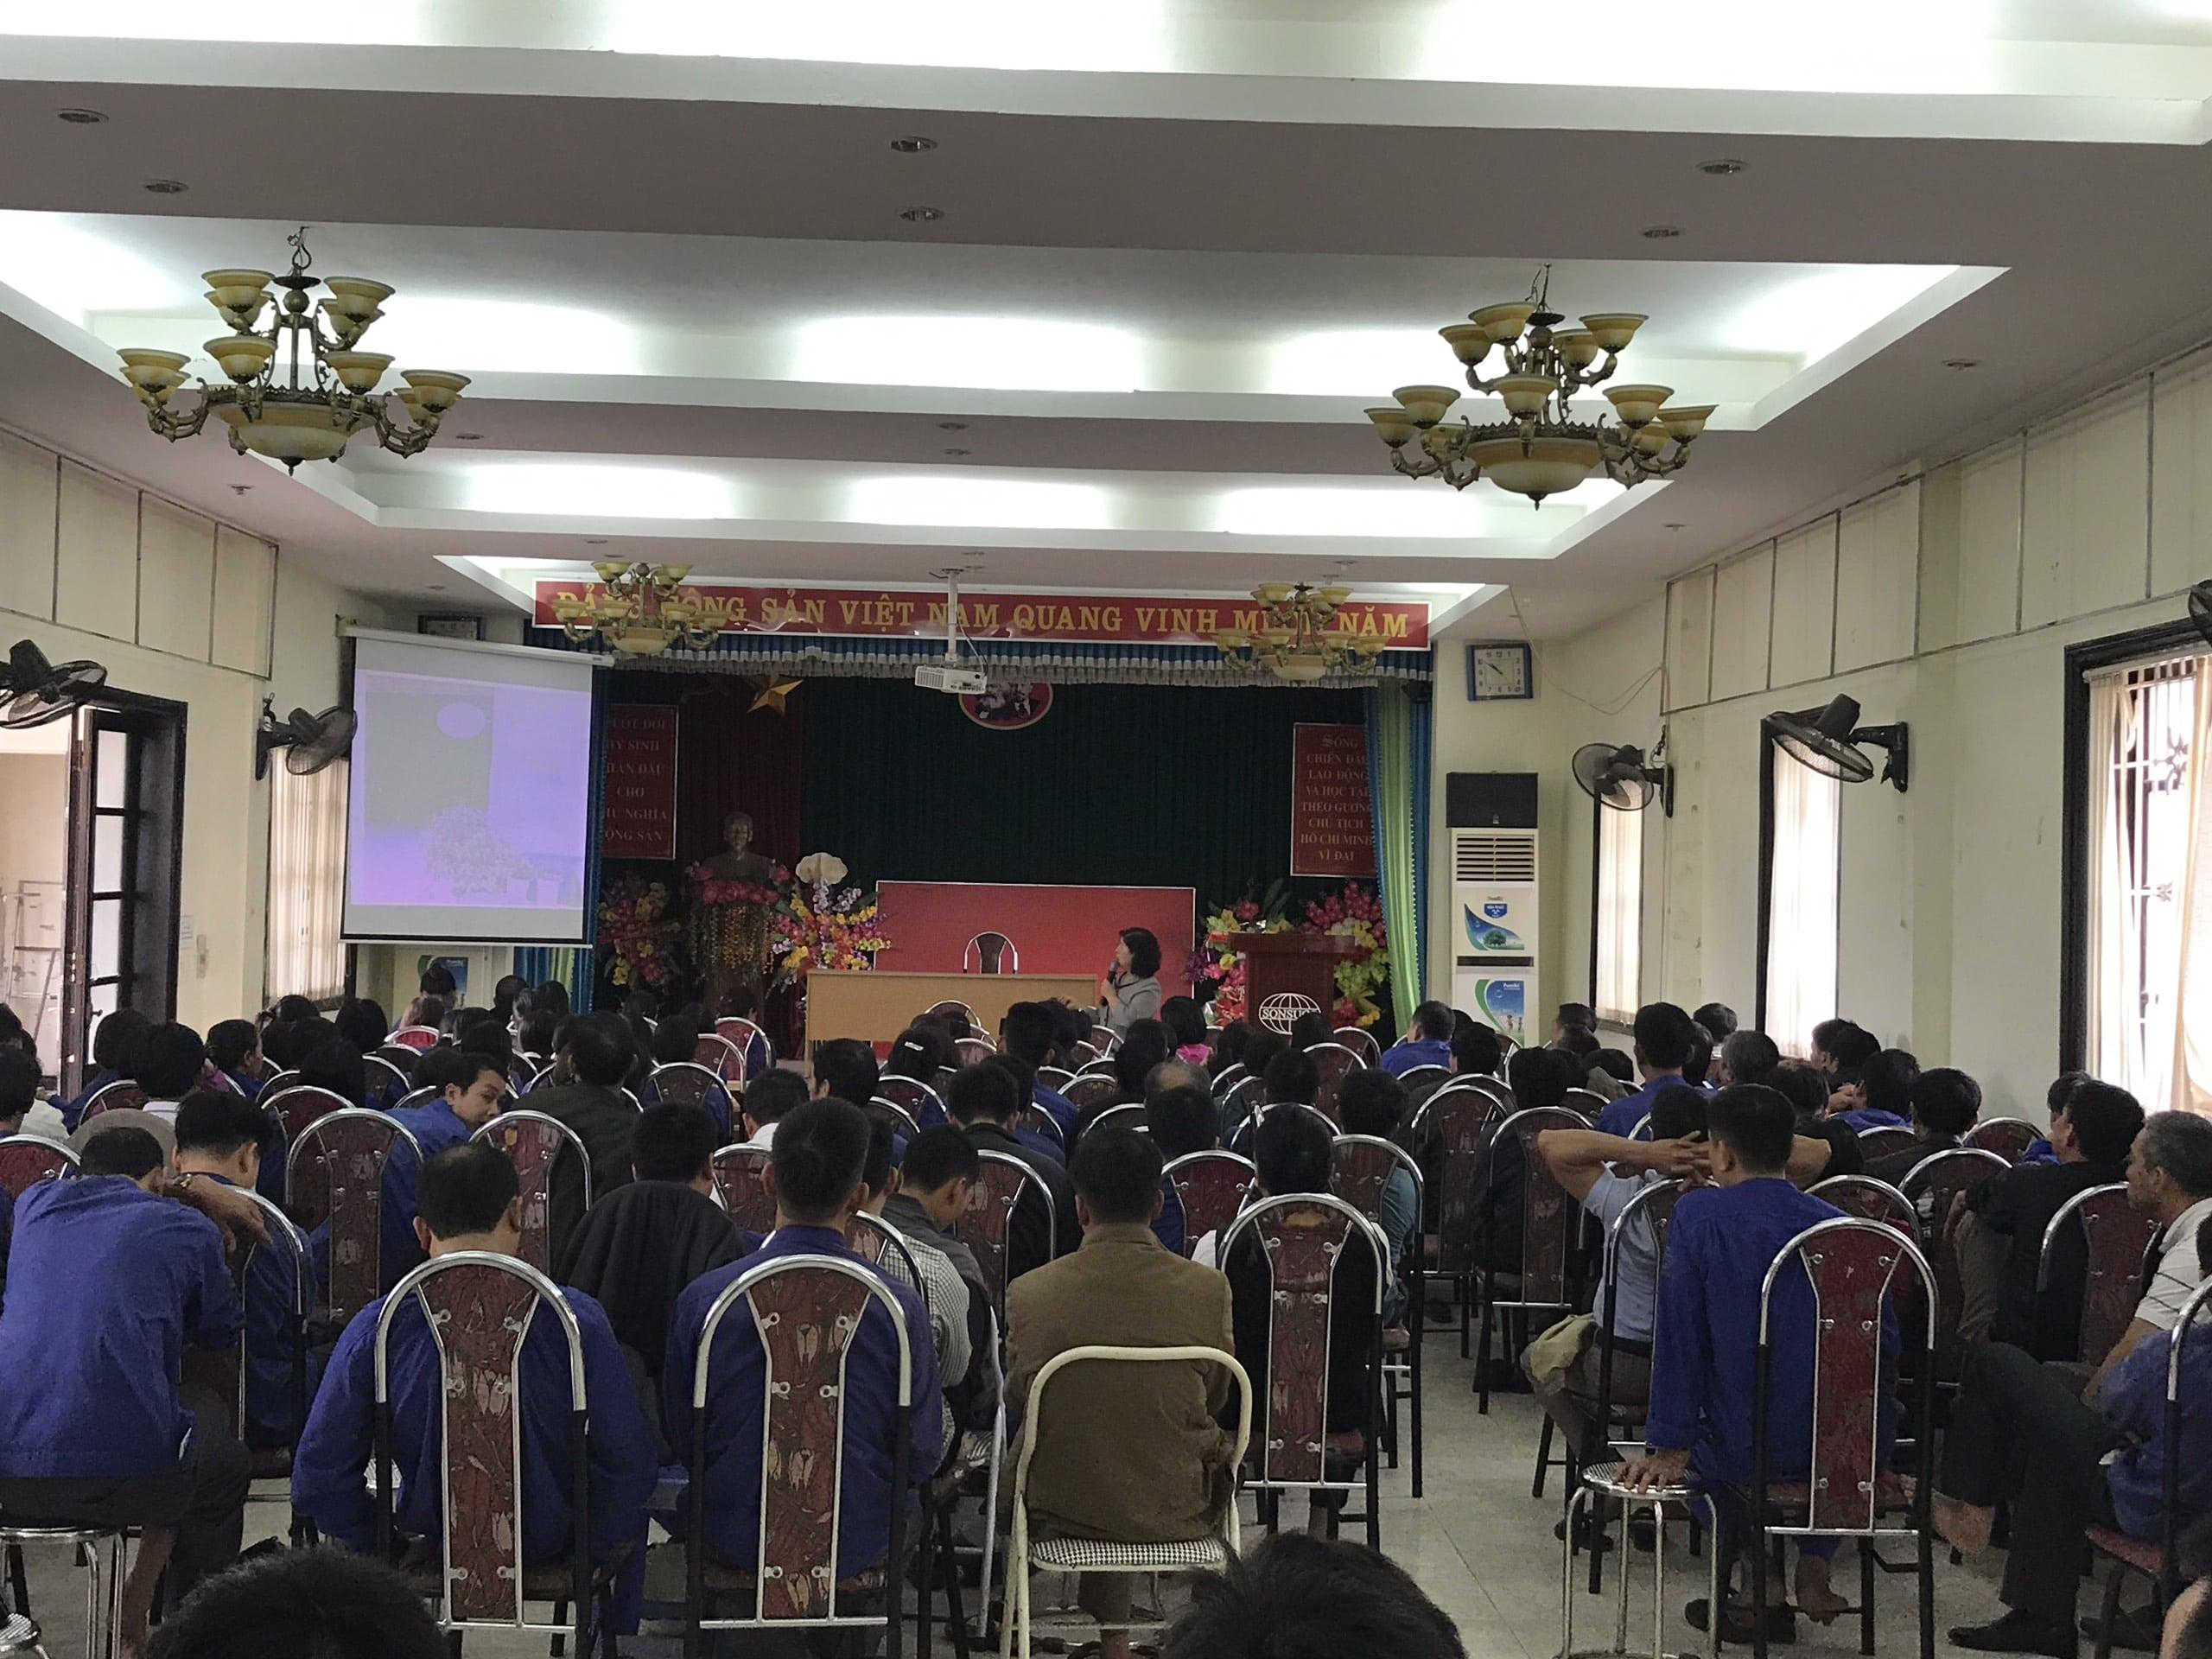 Huấn luyện an toàn, vệ sinh lao động tại Công ty cổ phần mía đường Sơn Dương Năm 2019